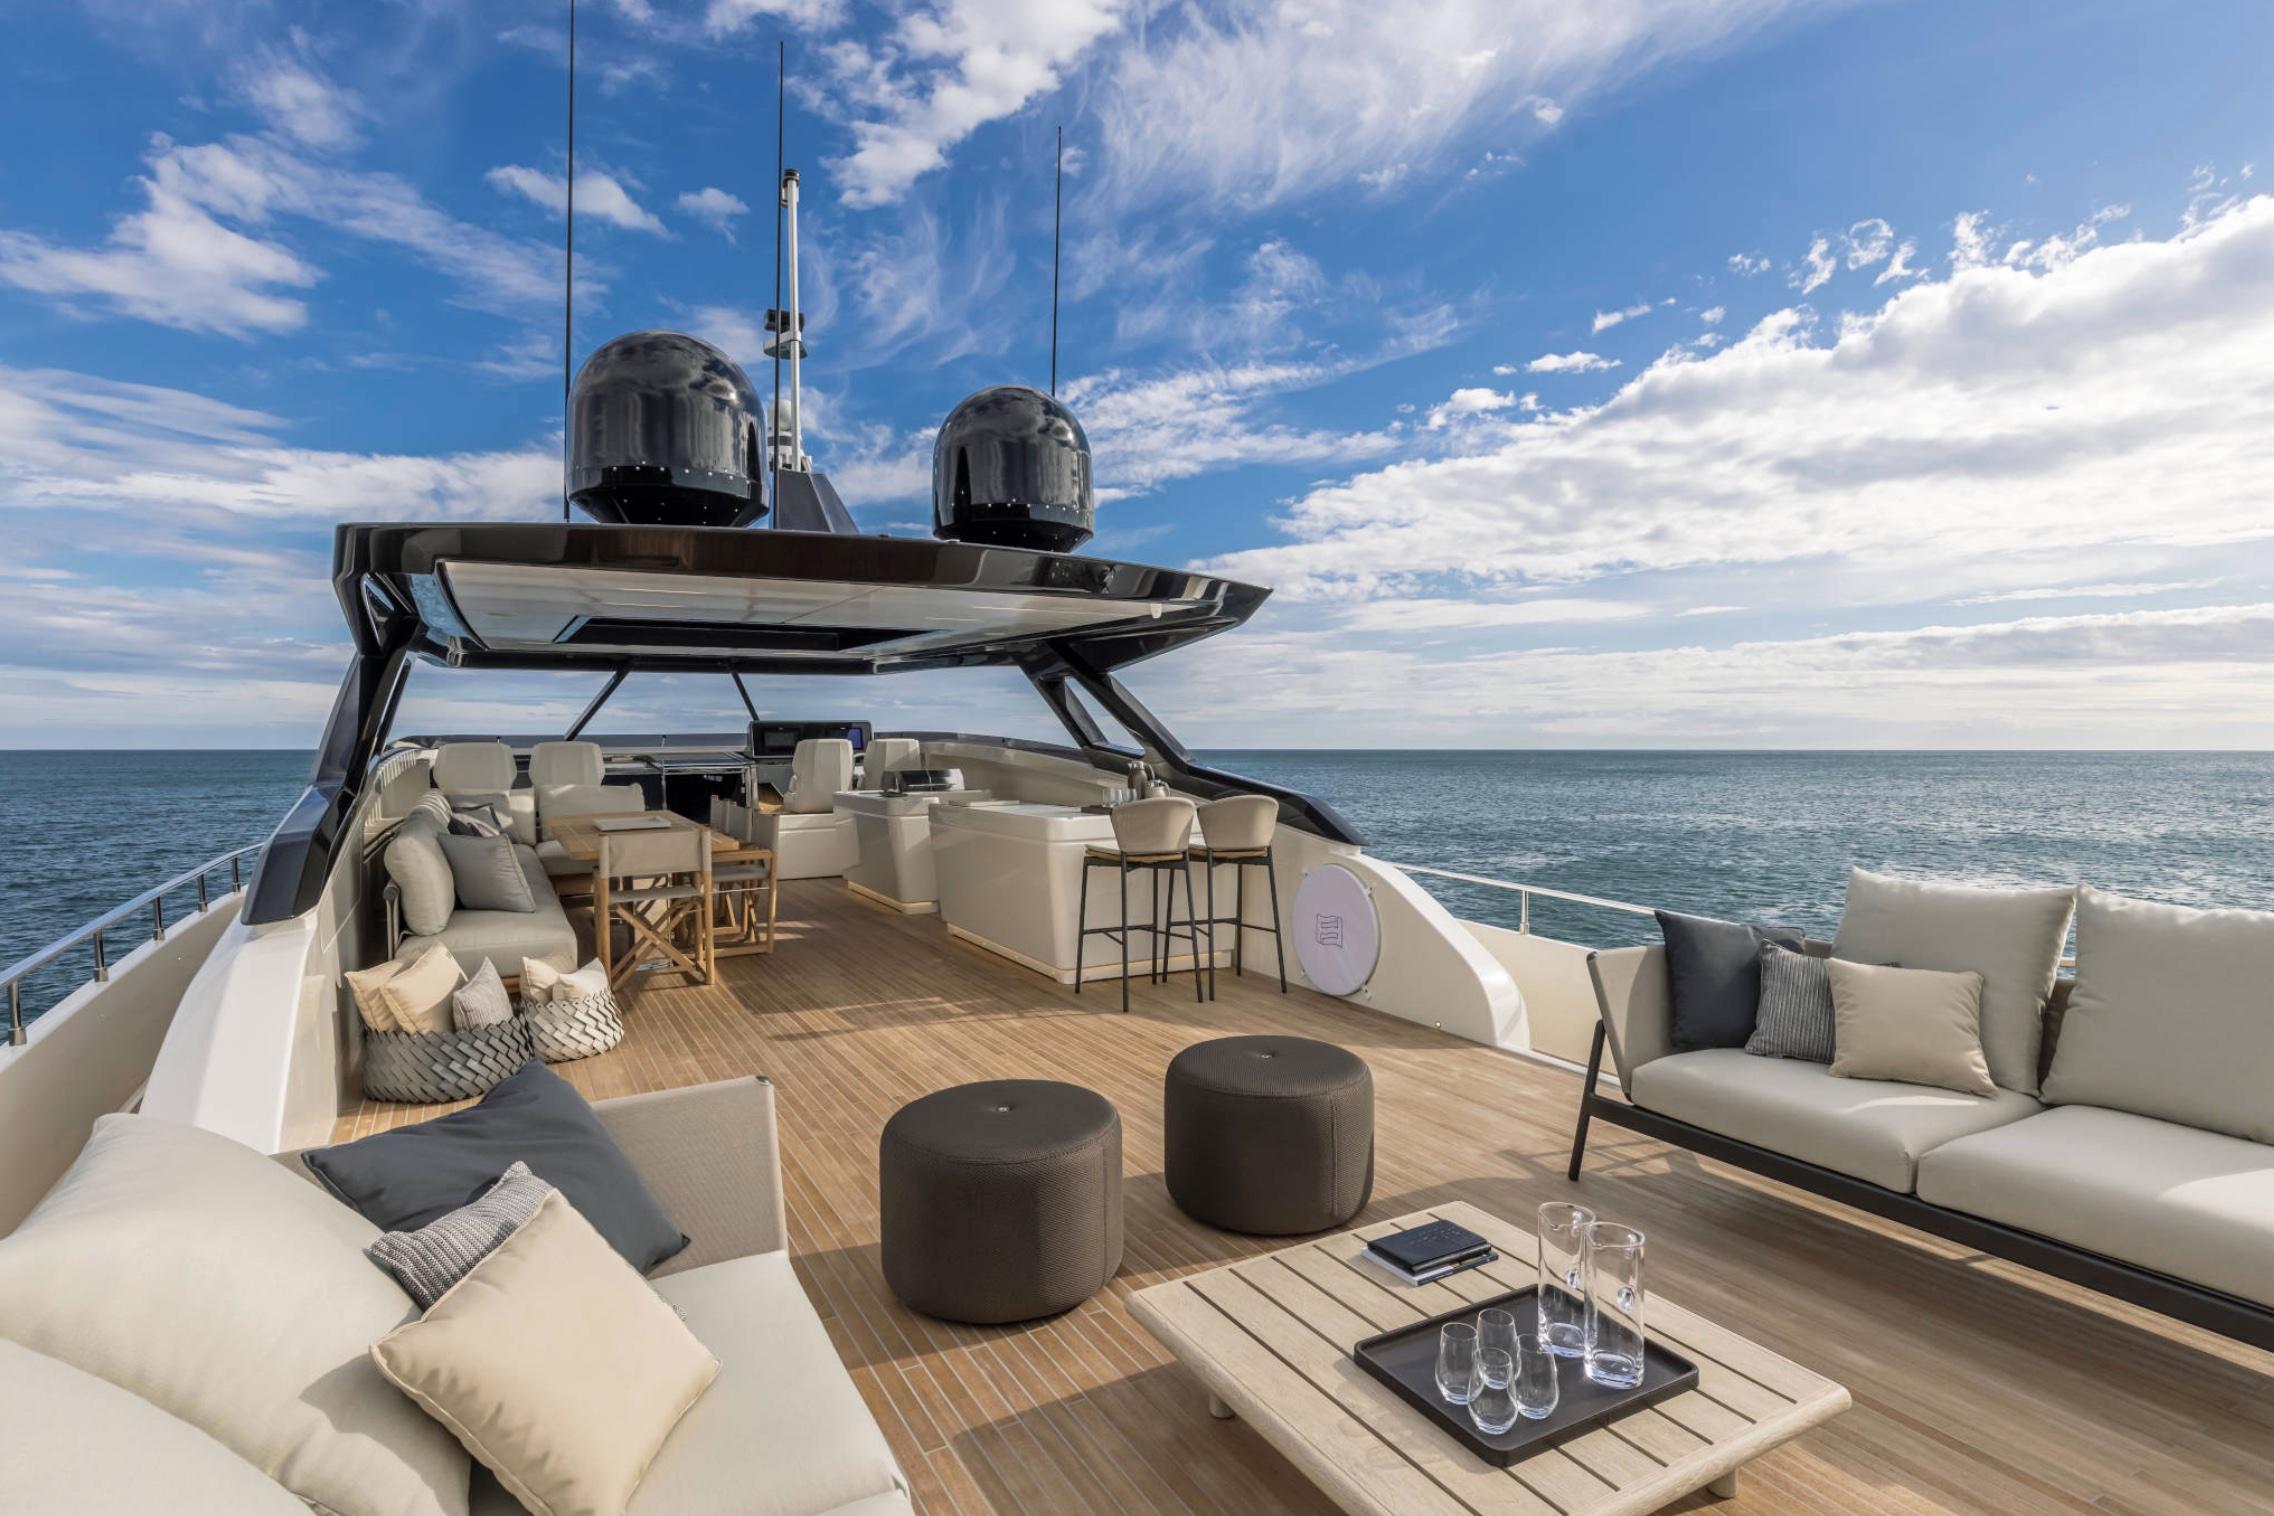 HOOM presenterar några av välrdens största motorbåtar, det är yachter och lyxiga båtar från den internationella arenan.